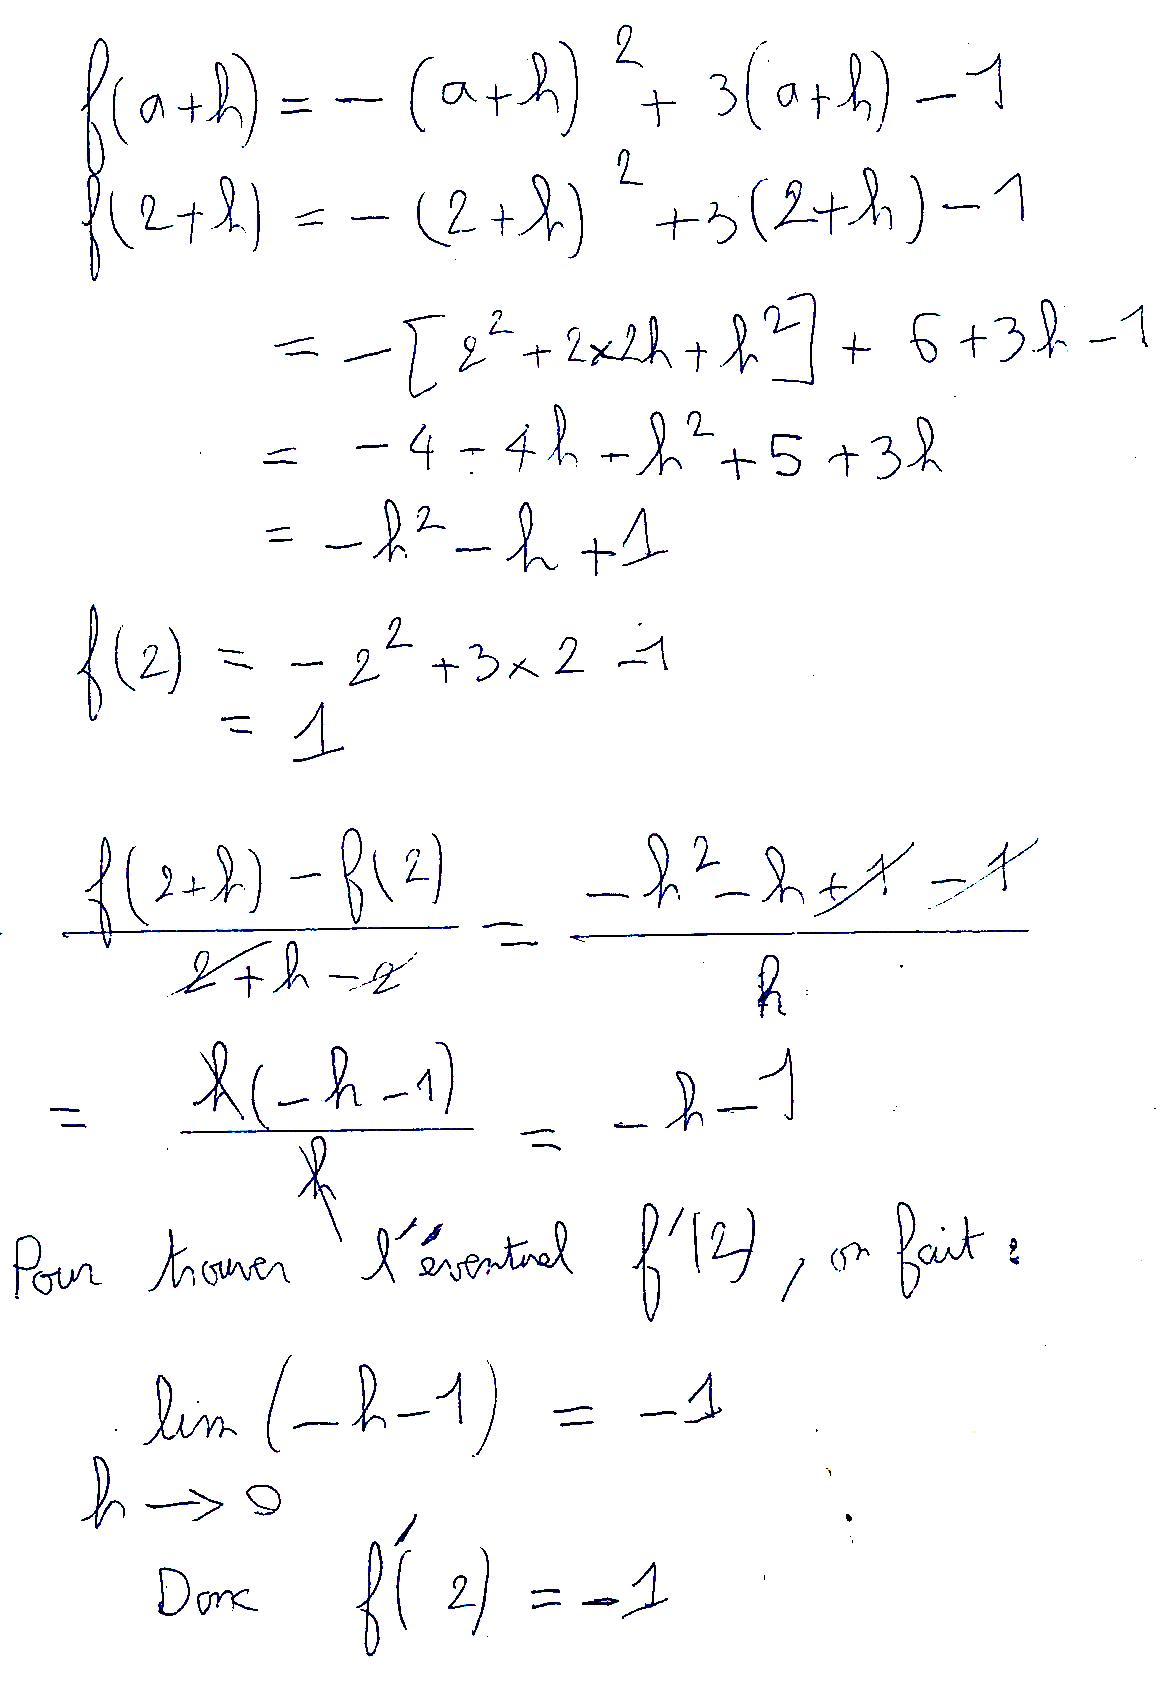 Détermination d'un nombre dérivé par le calcul